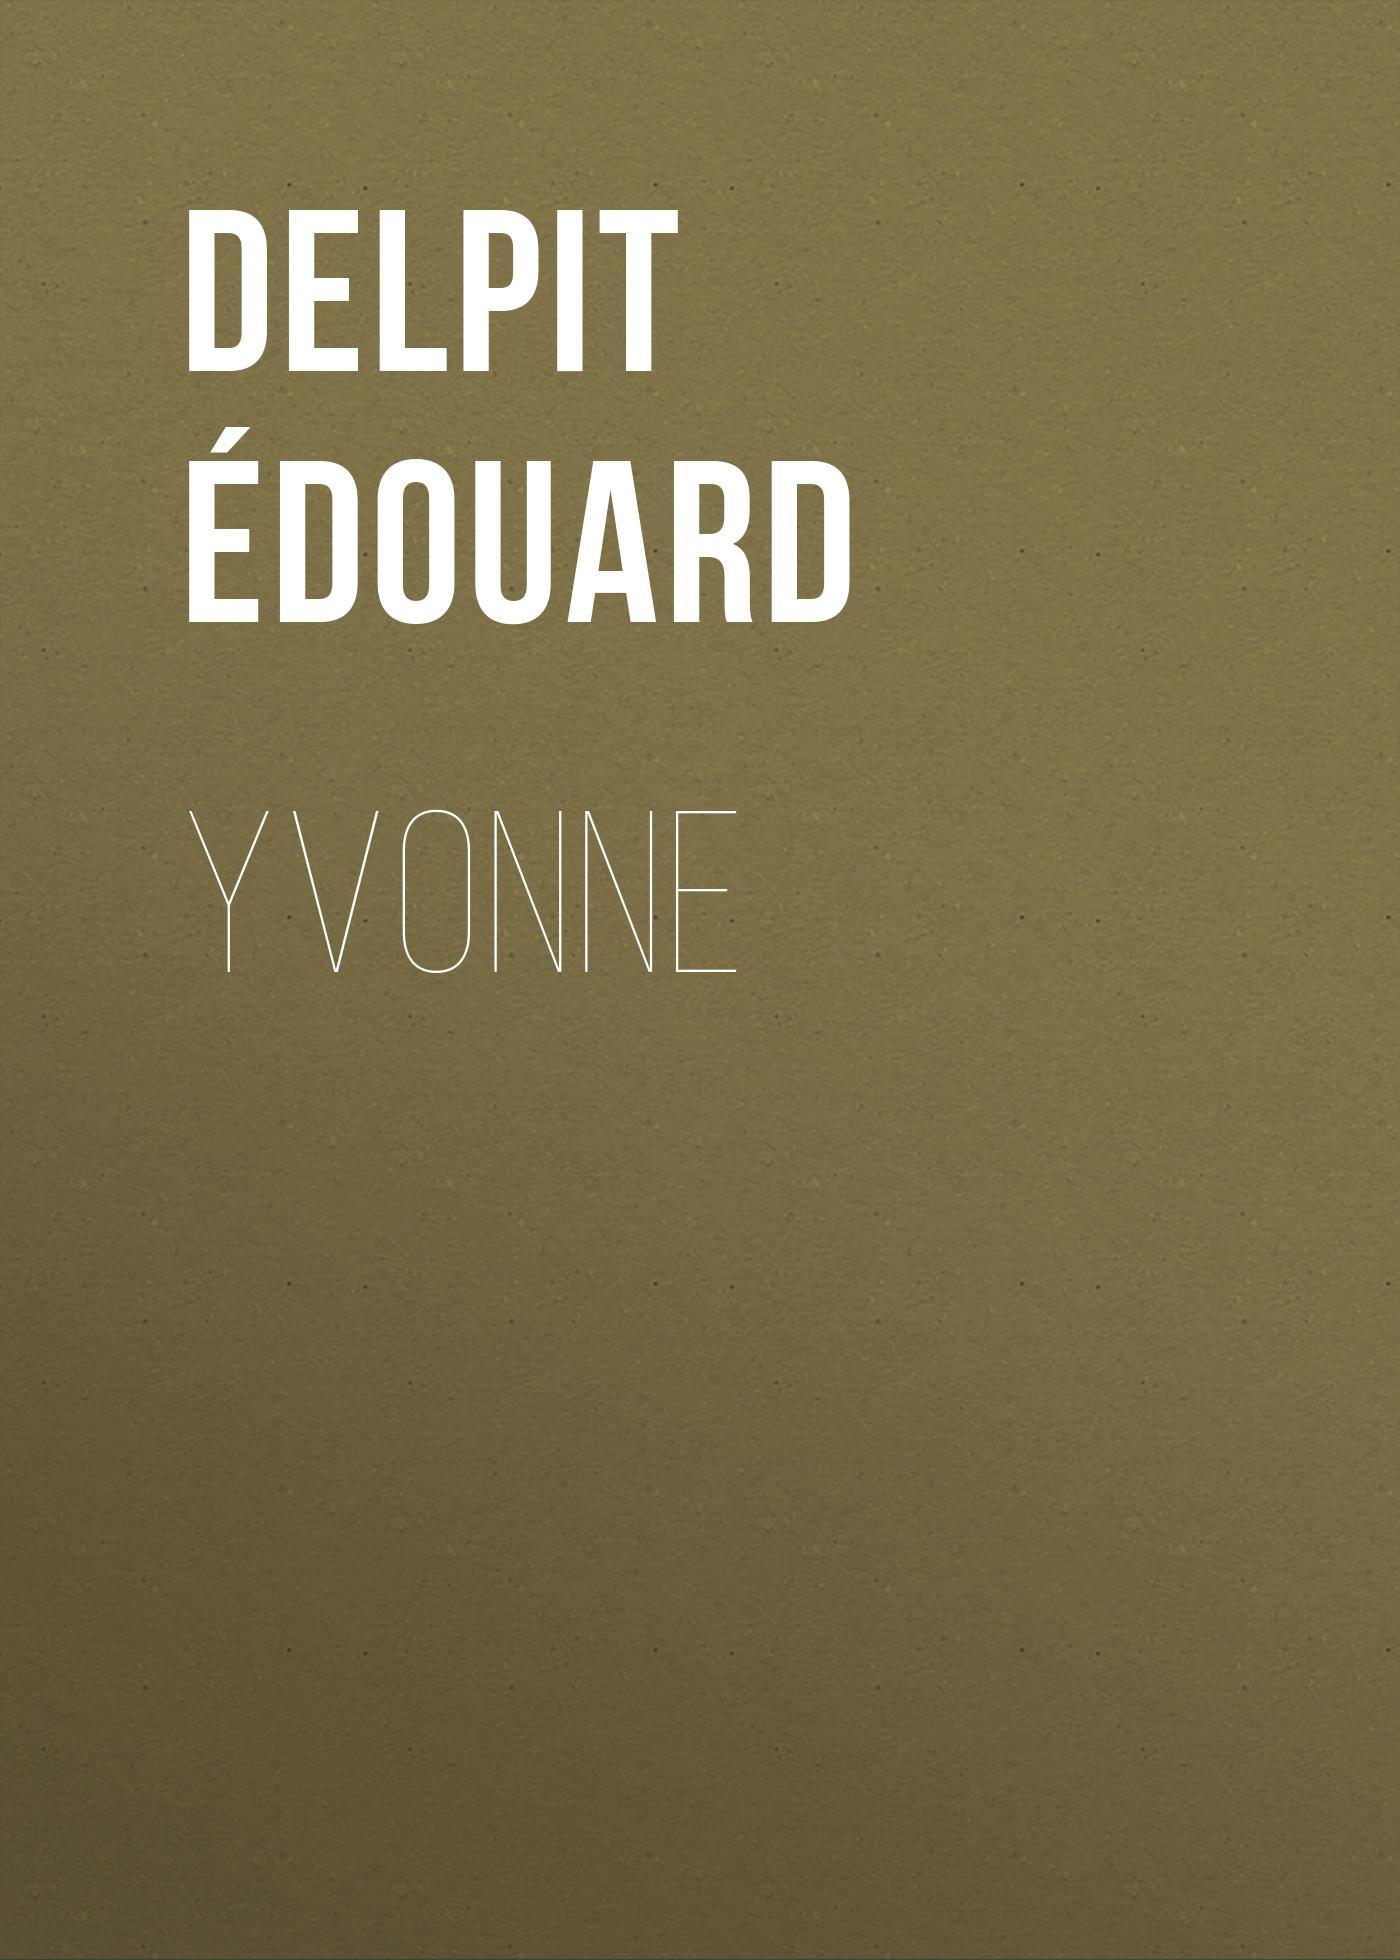 Delpit Édouard Yvonne édouard bertrand un critique d art dans l antiquite